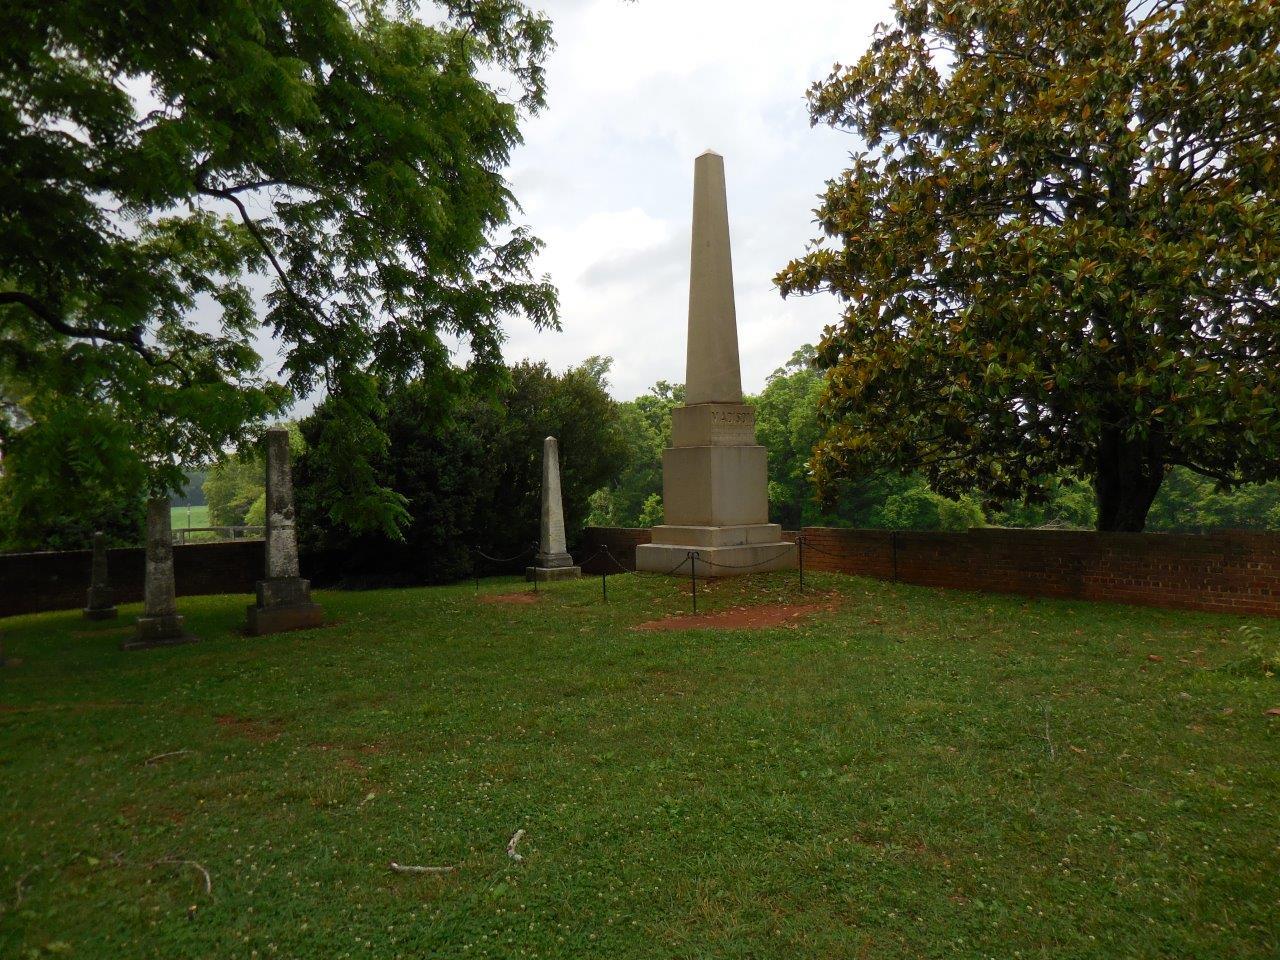 James Madison grave marker